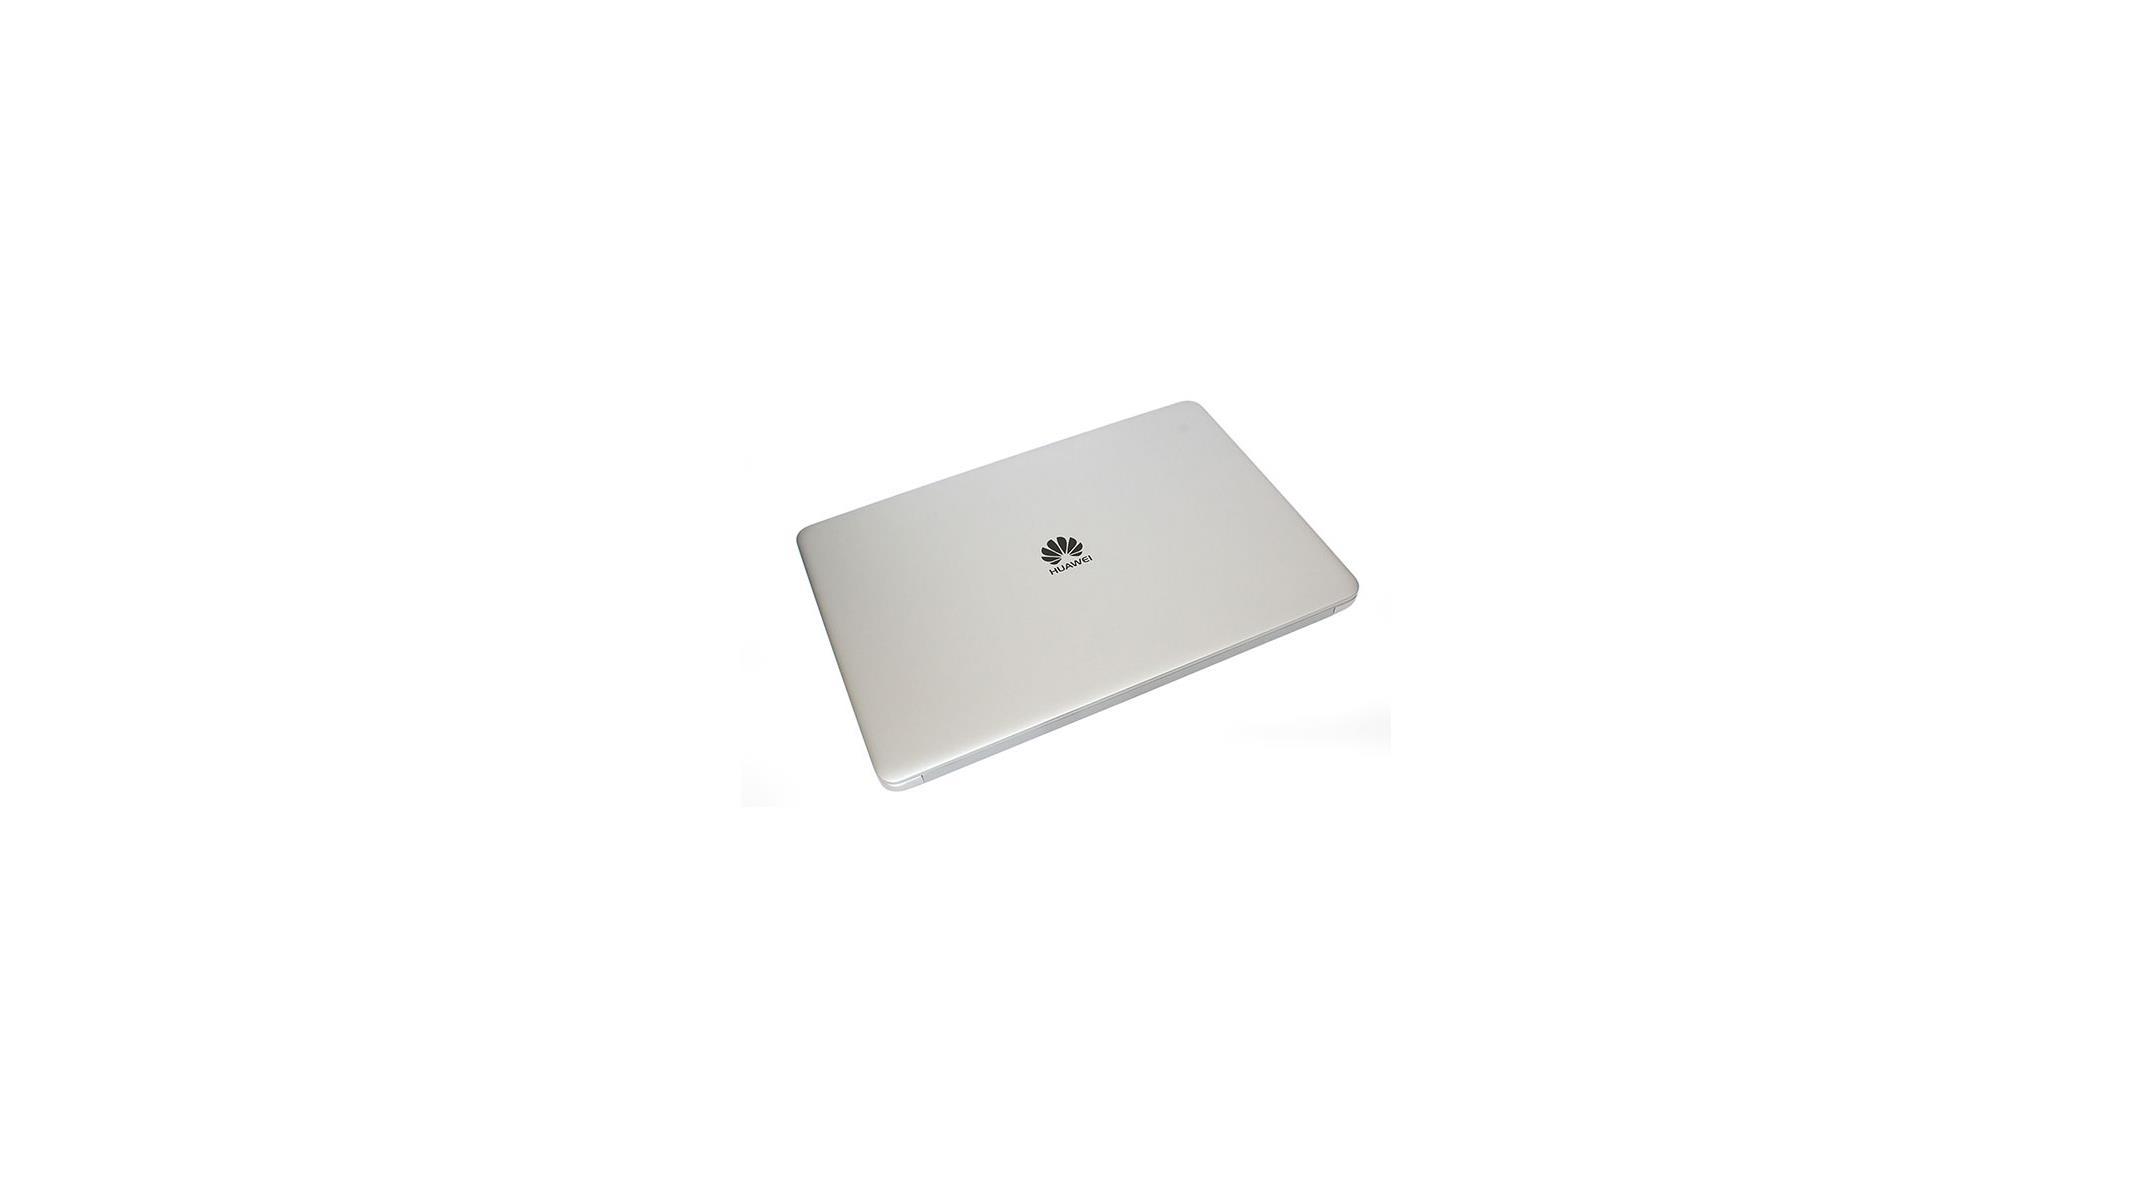 Huawei MateBook D Review: Sleek, Attractive AMD Ryzen Powered